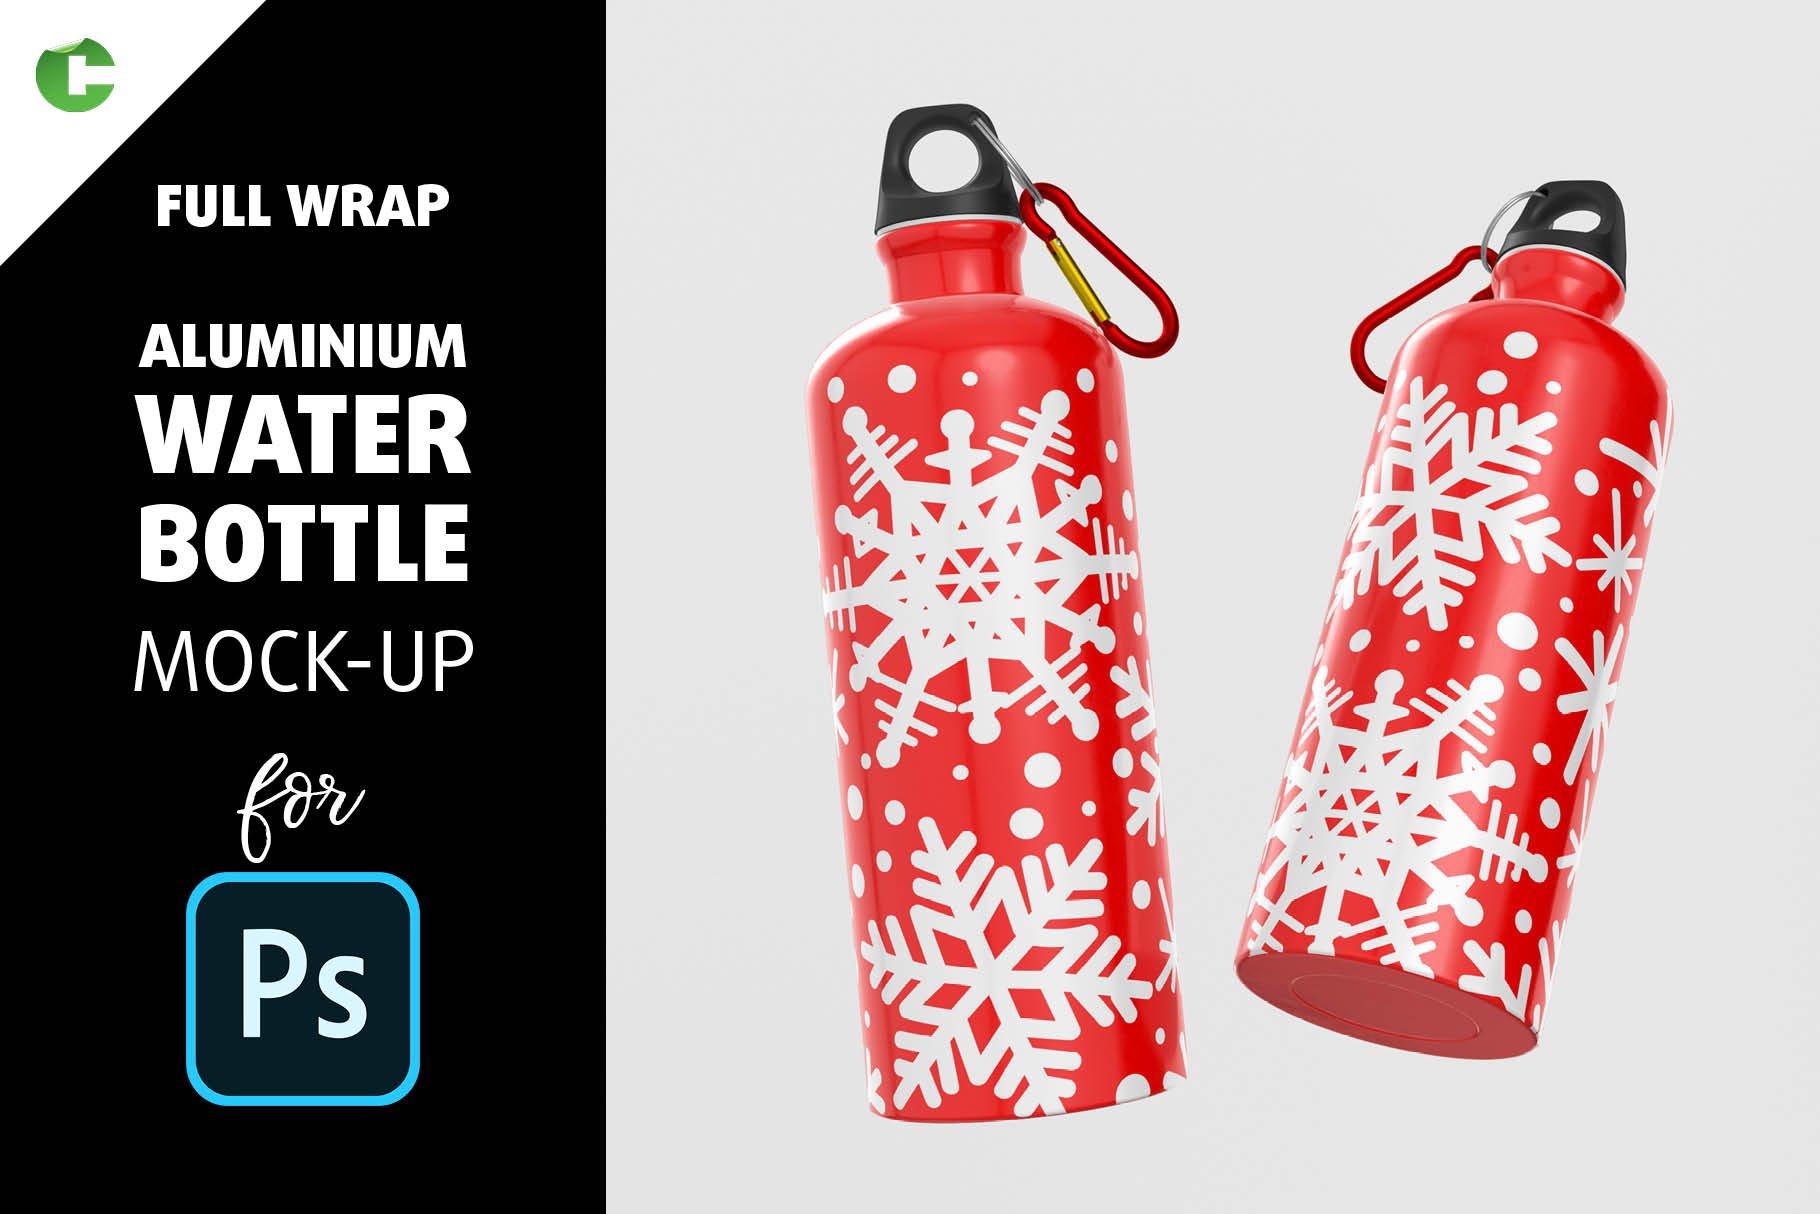 5款不锈钢保温水杯设计智能贴图样机模板 Aluminium Water Bottle Mock-Up插图